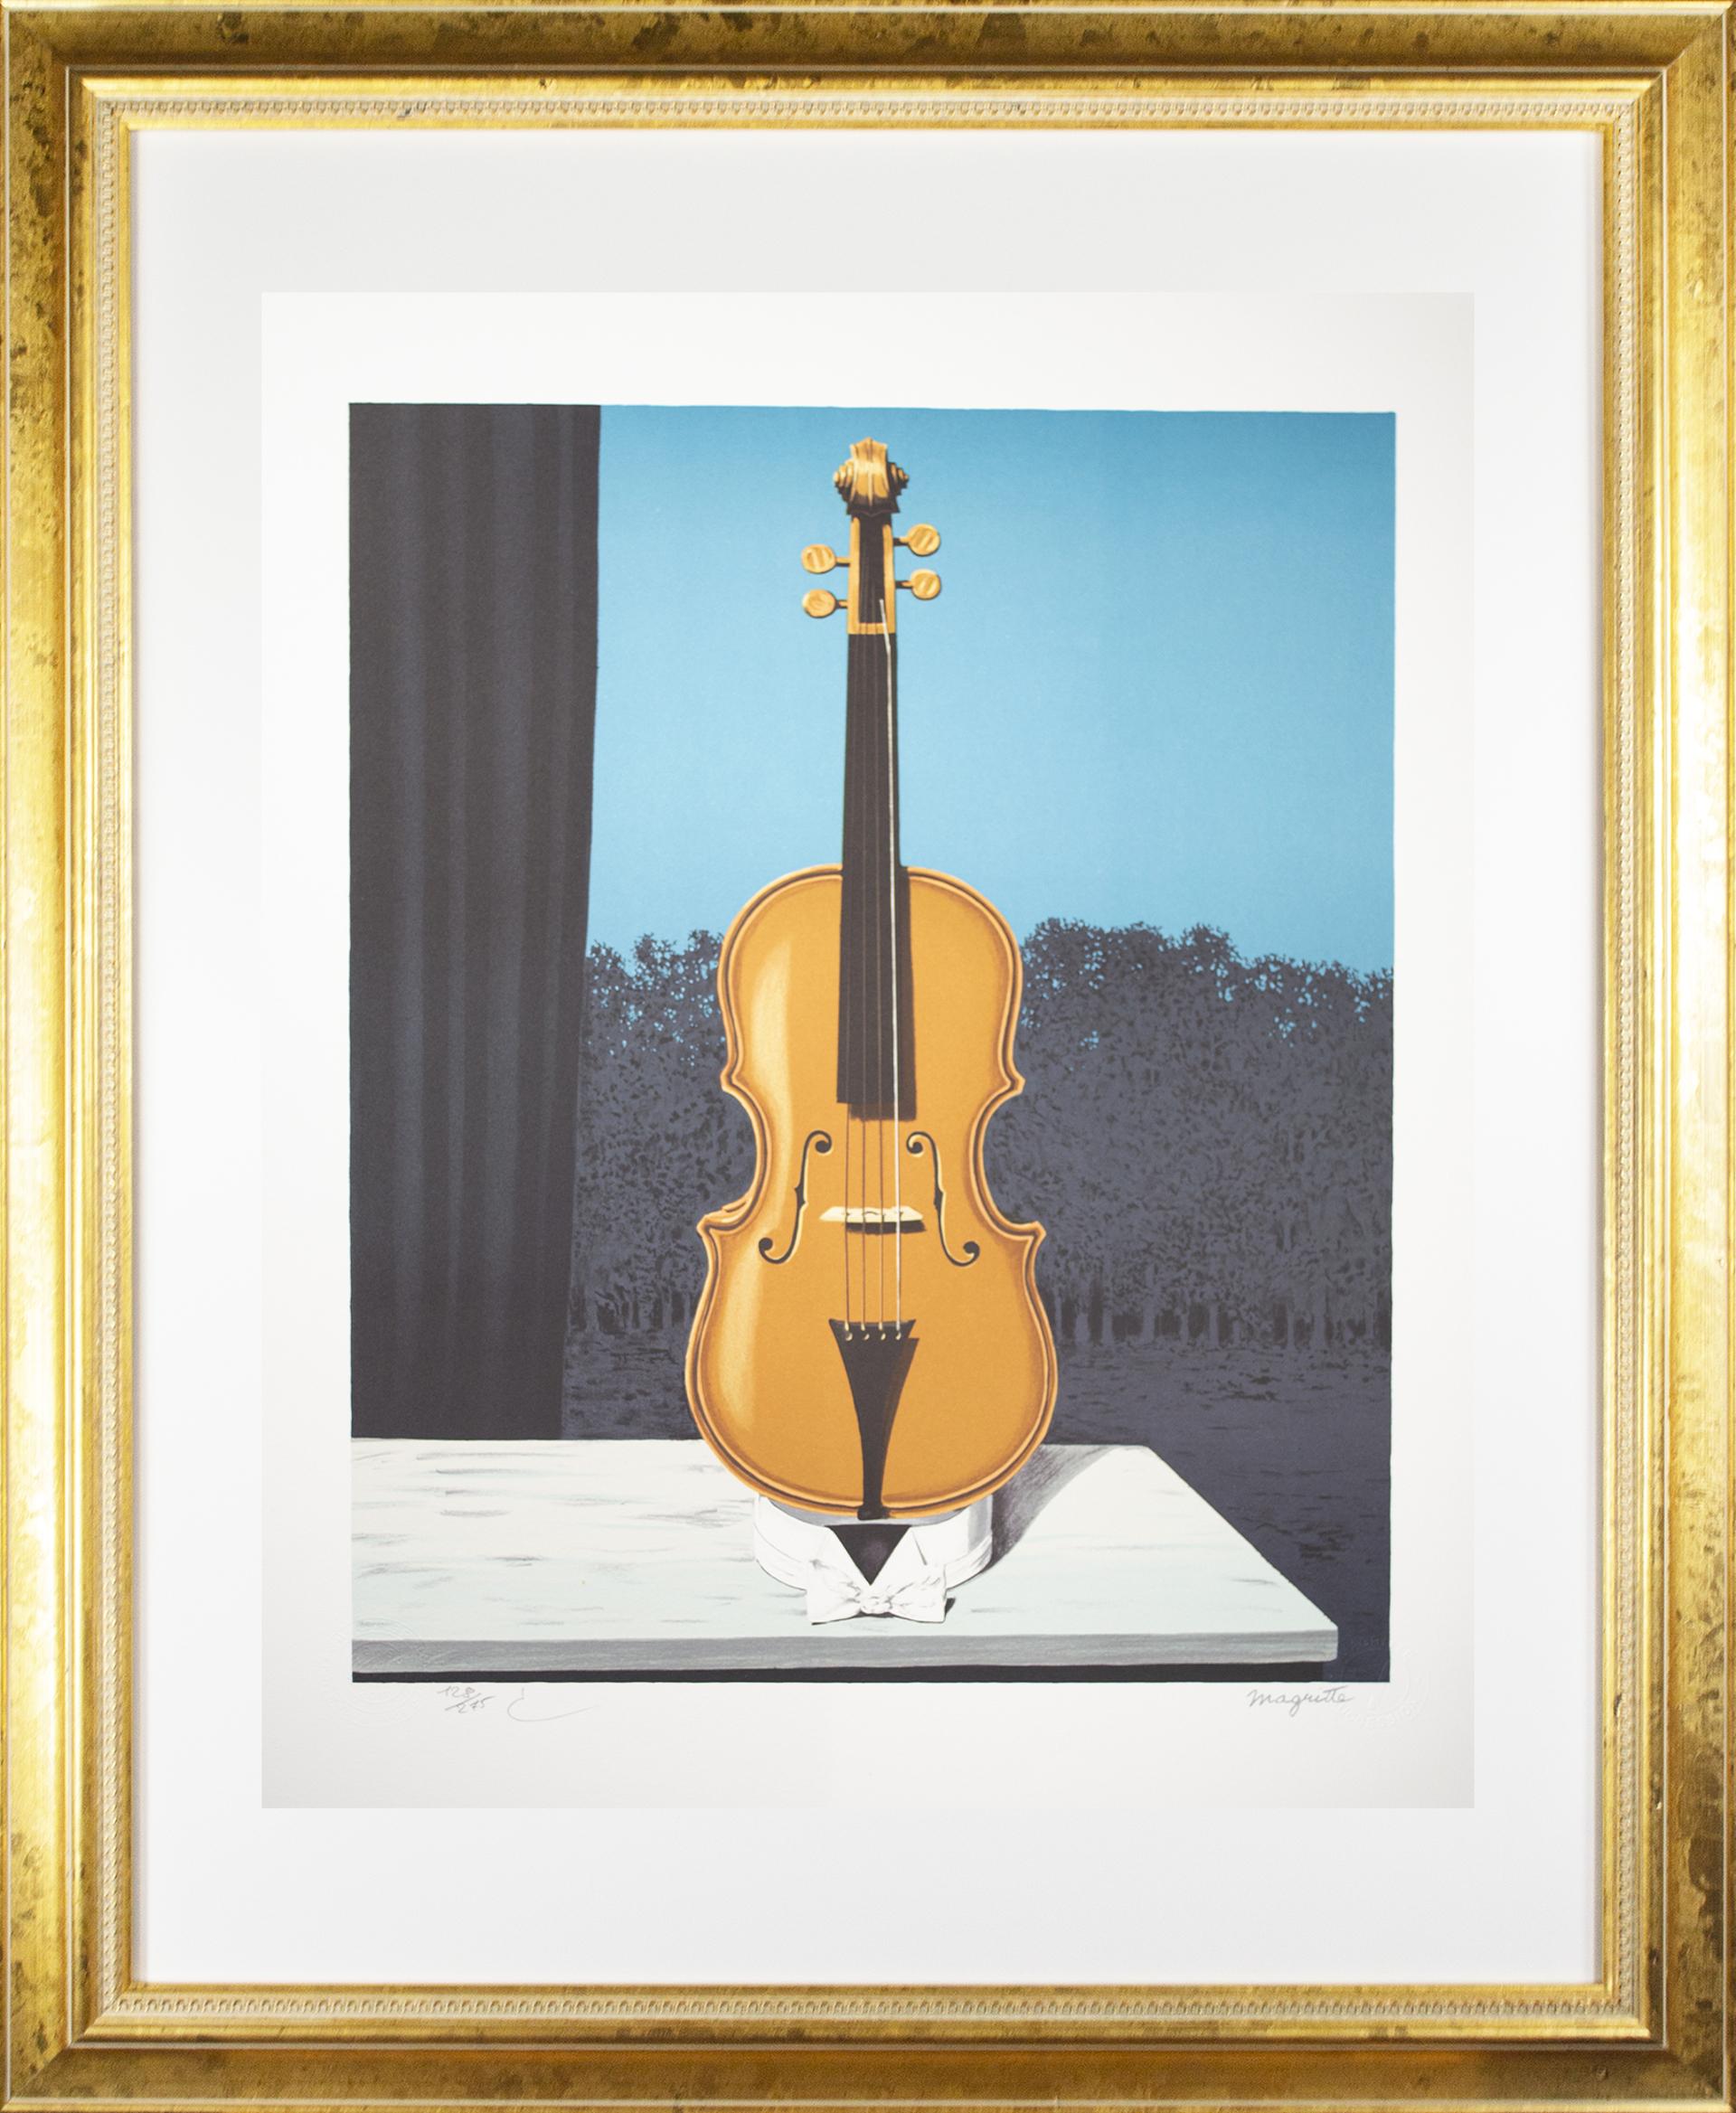 Un peu de l'âme des bandits (Something of the Bandit Spirit) by Rene Magritte